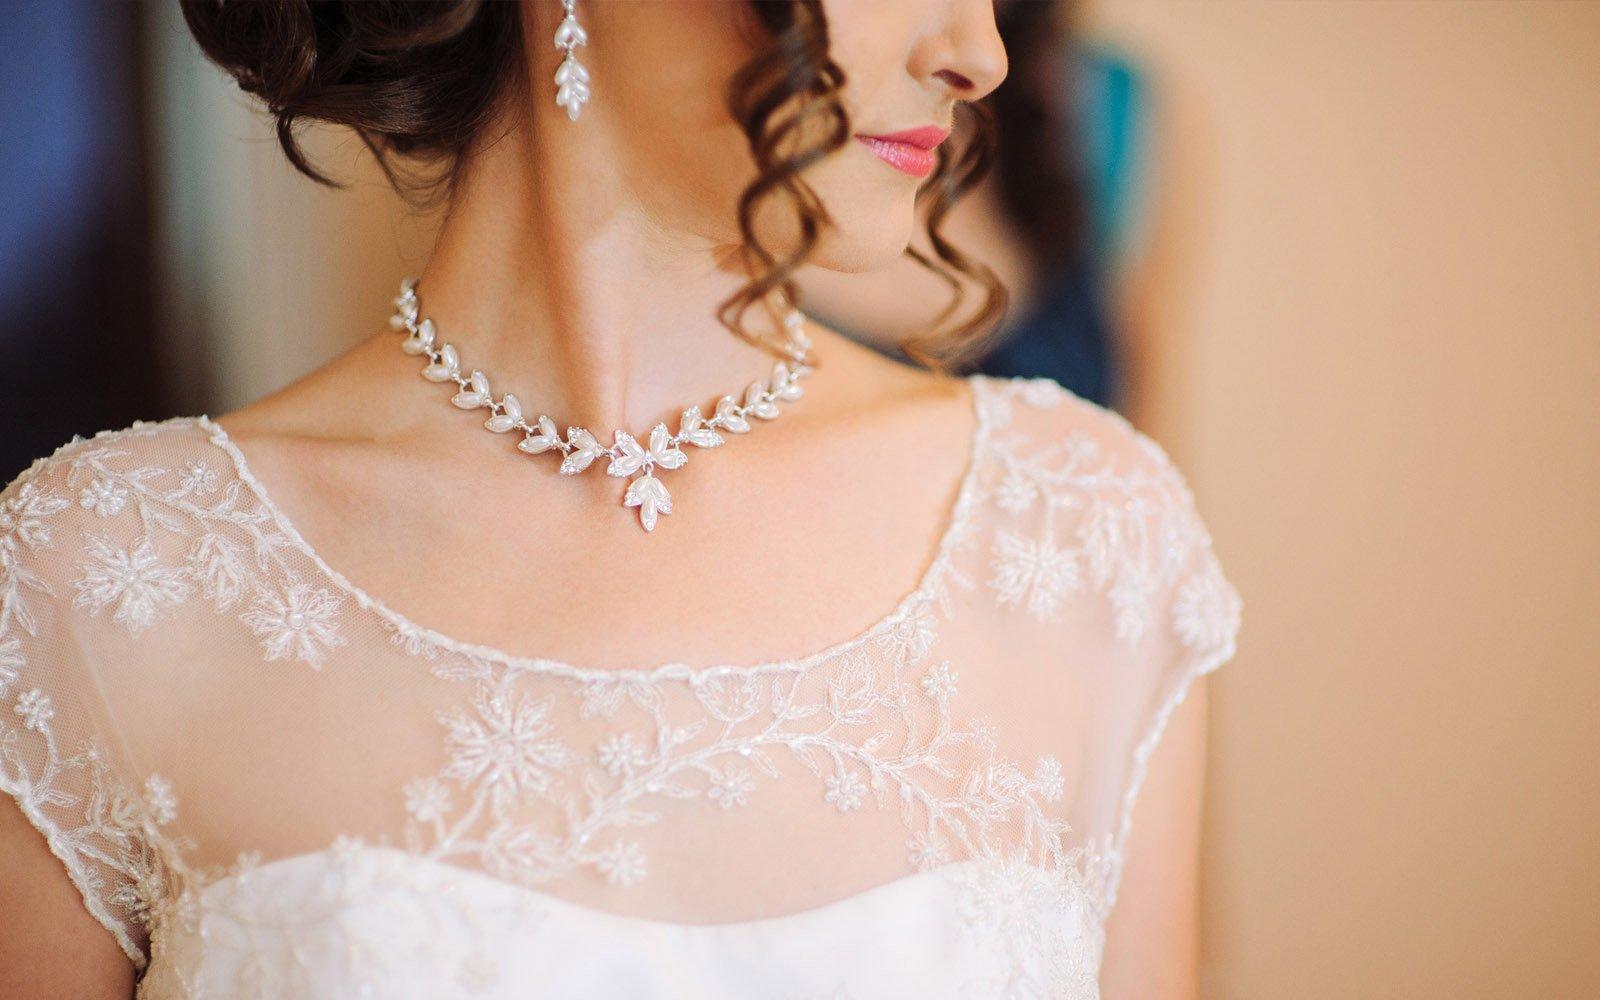 Jewelry To Match Wedding Dress